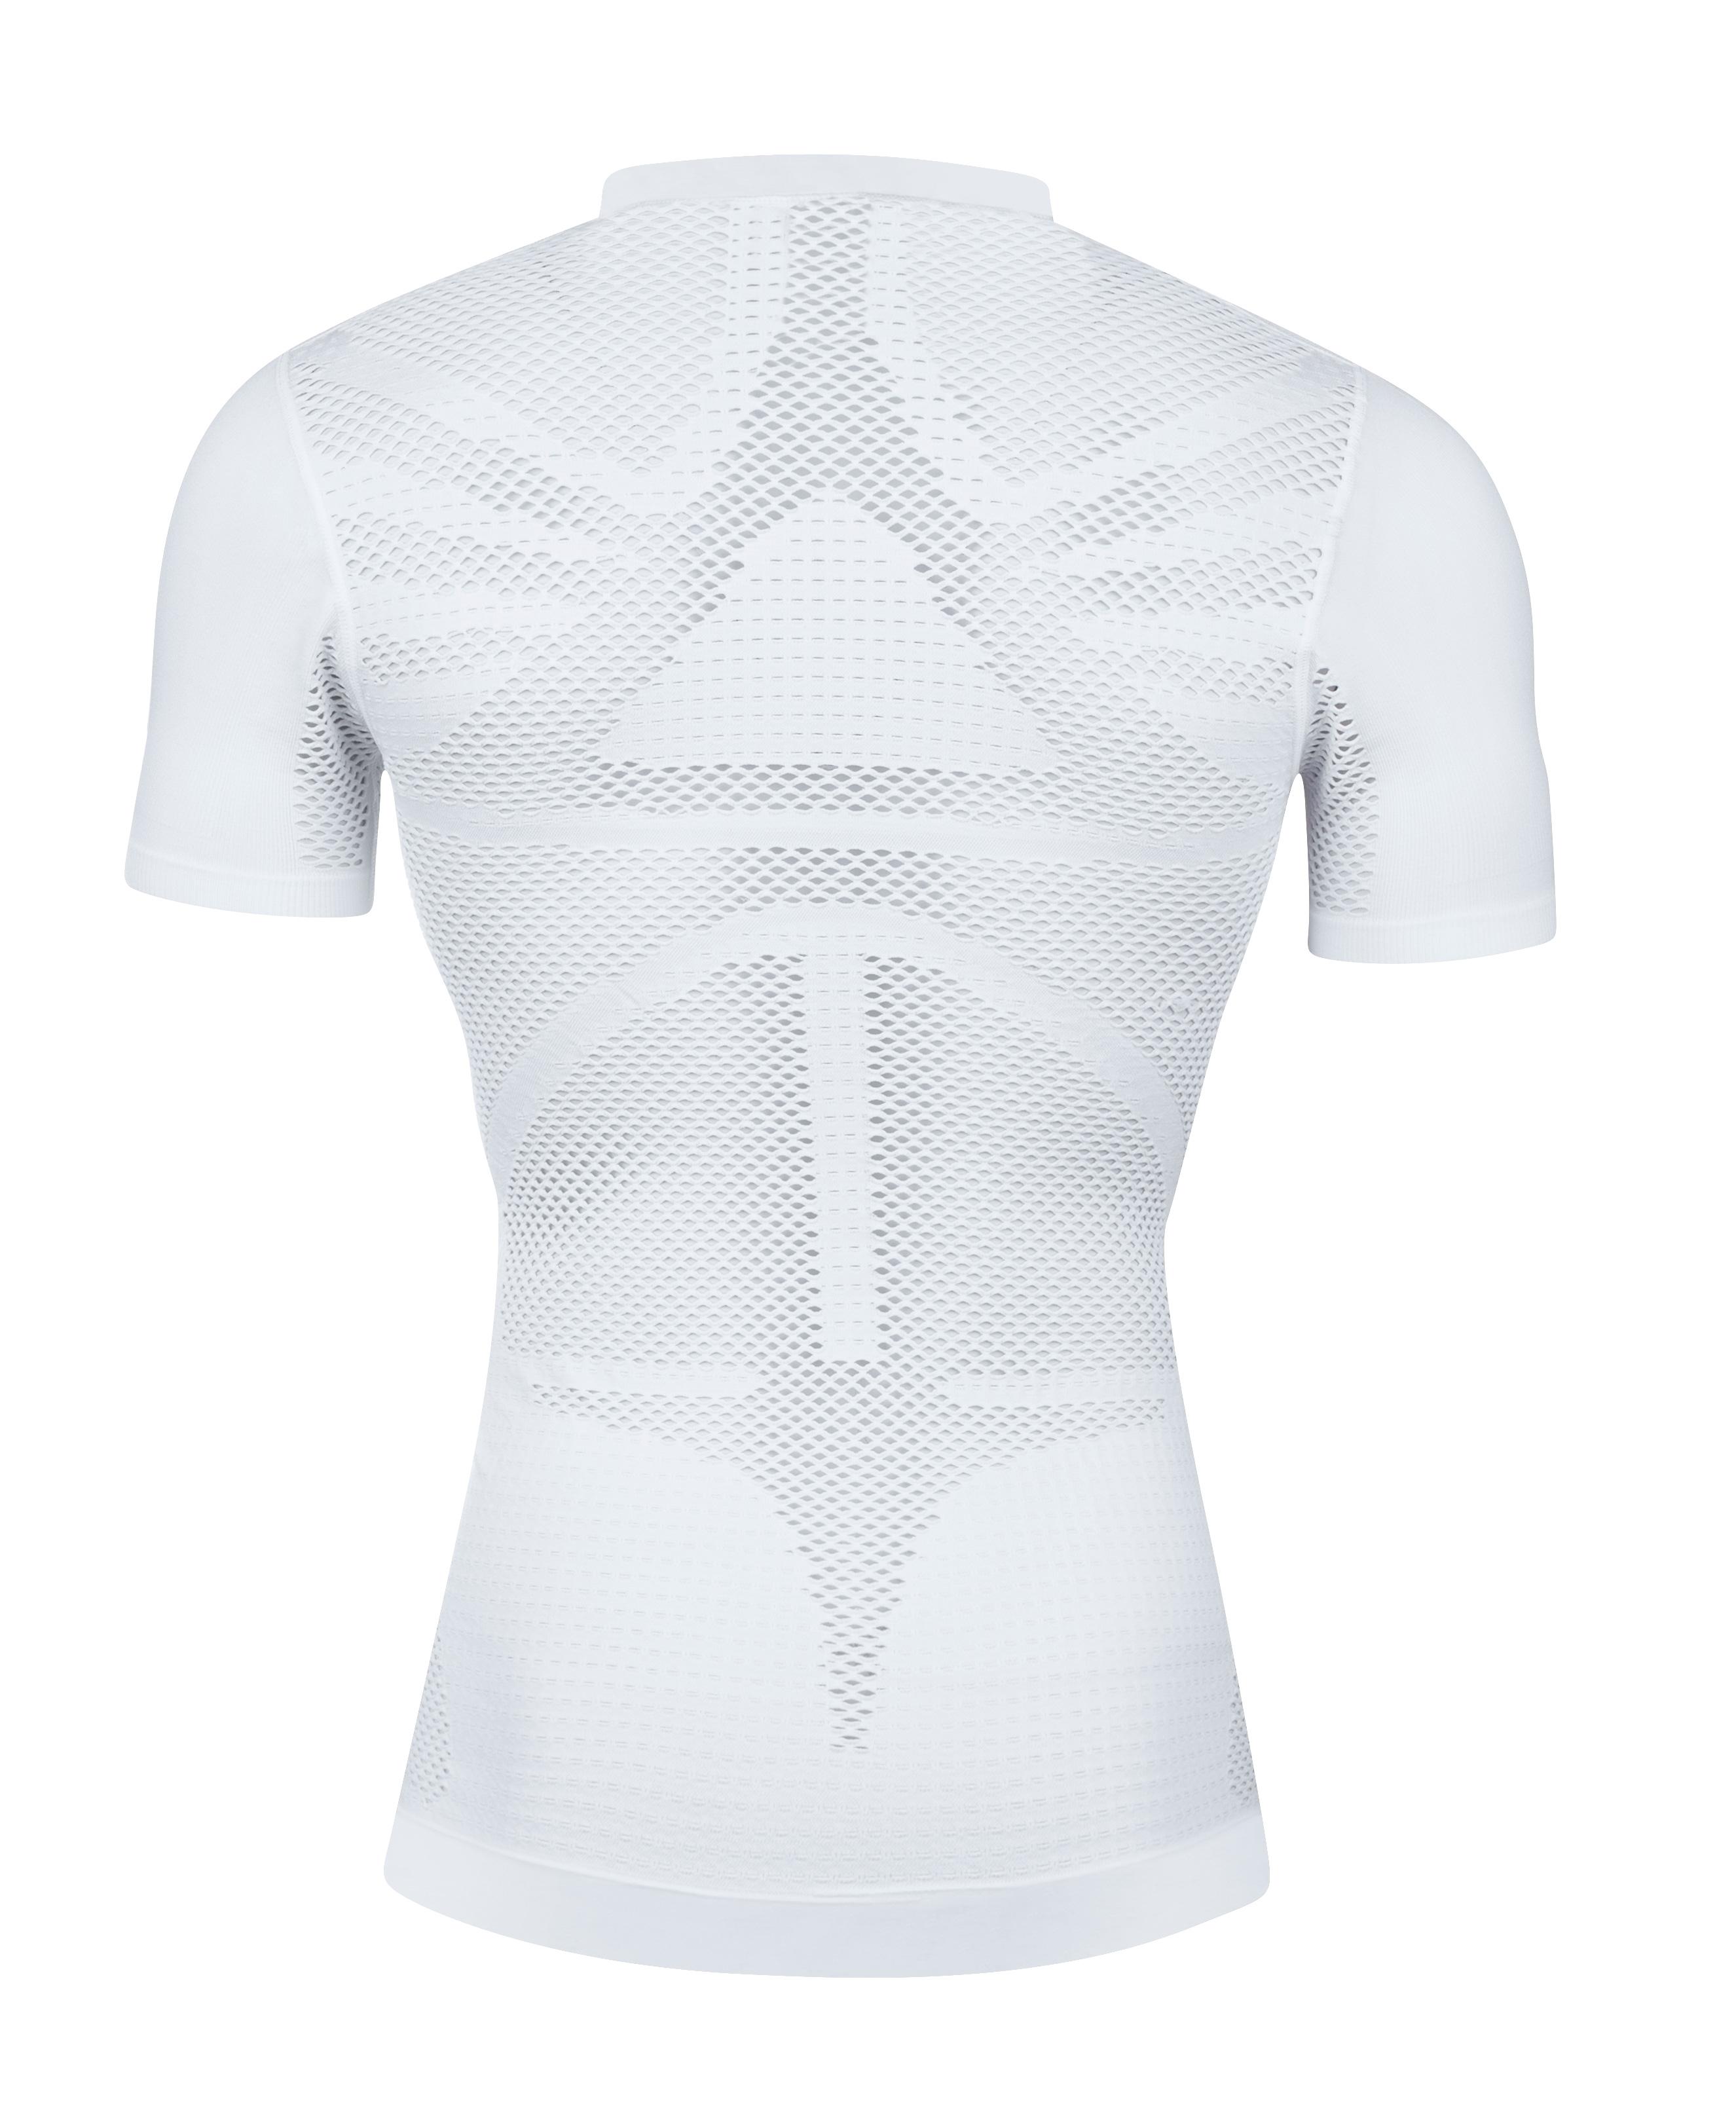 triko funkční  F SWELTER krátký rukáv,bílé L-XL